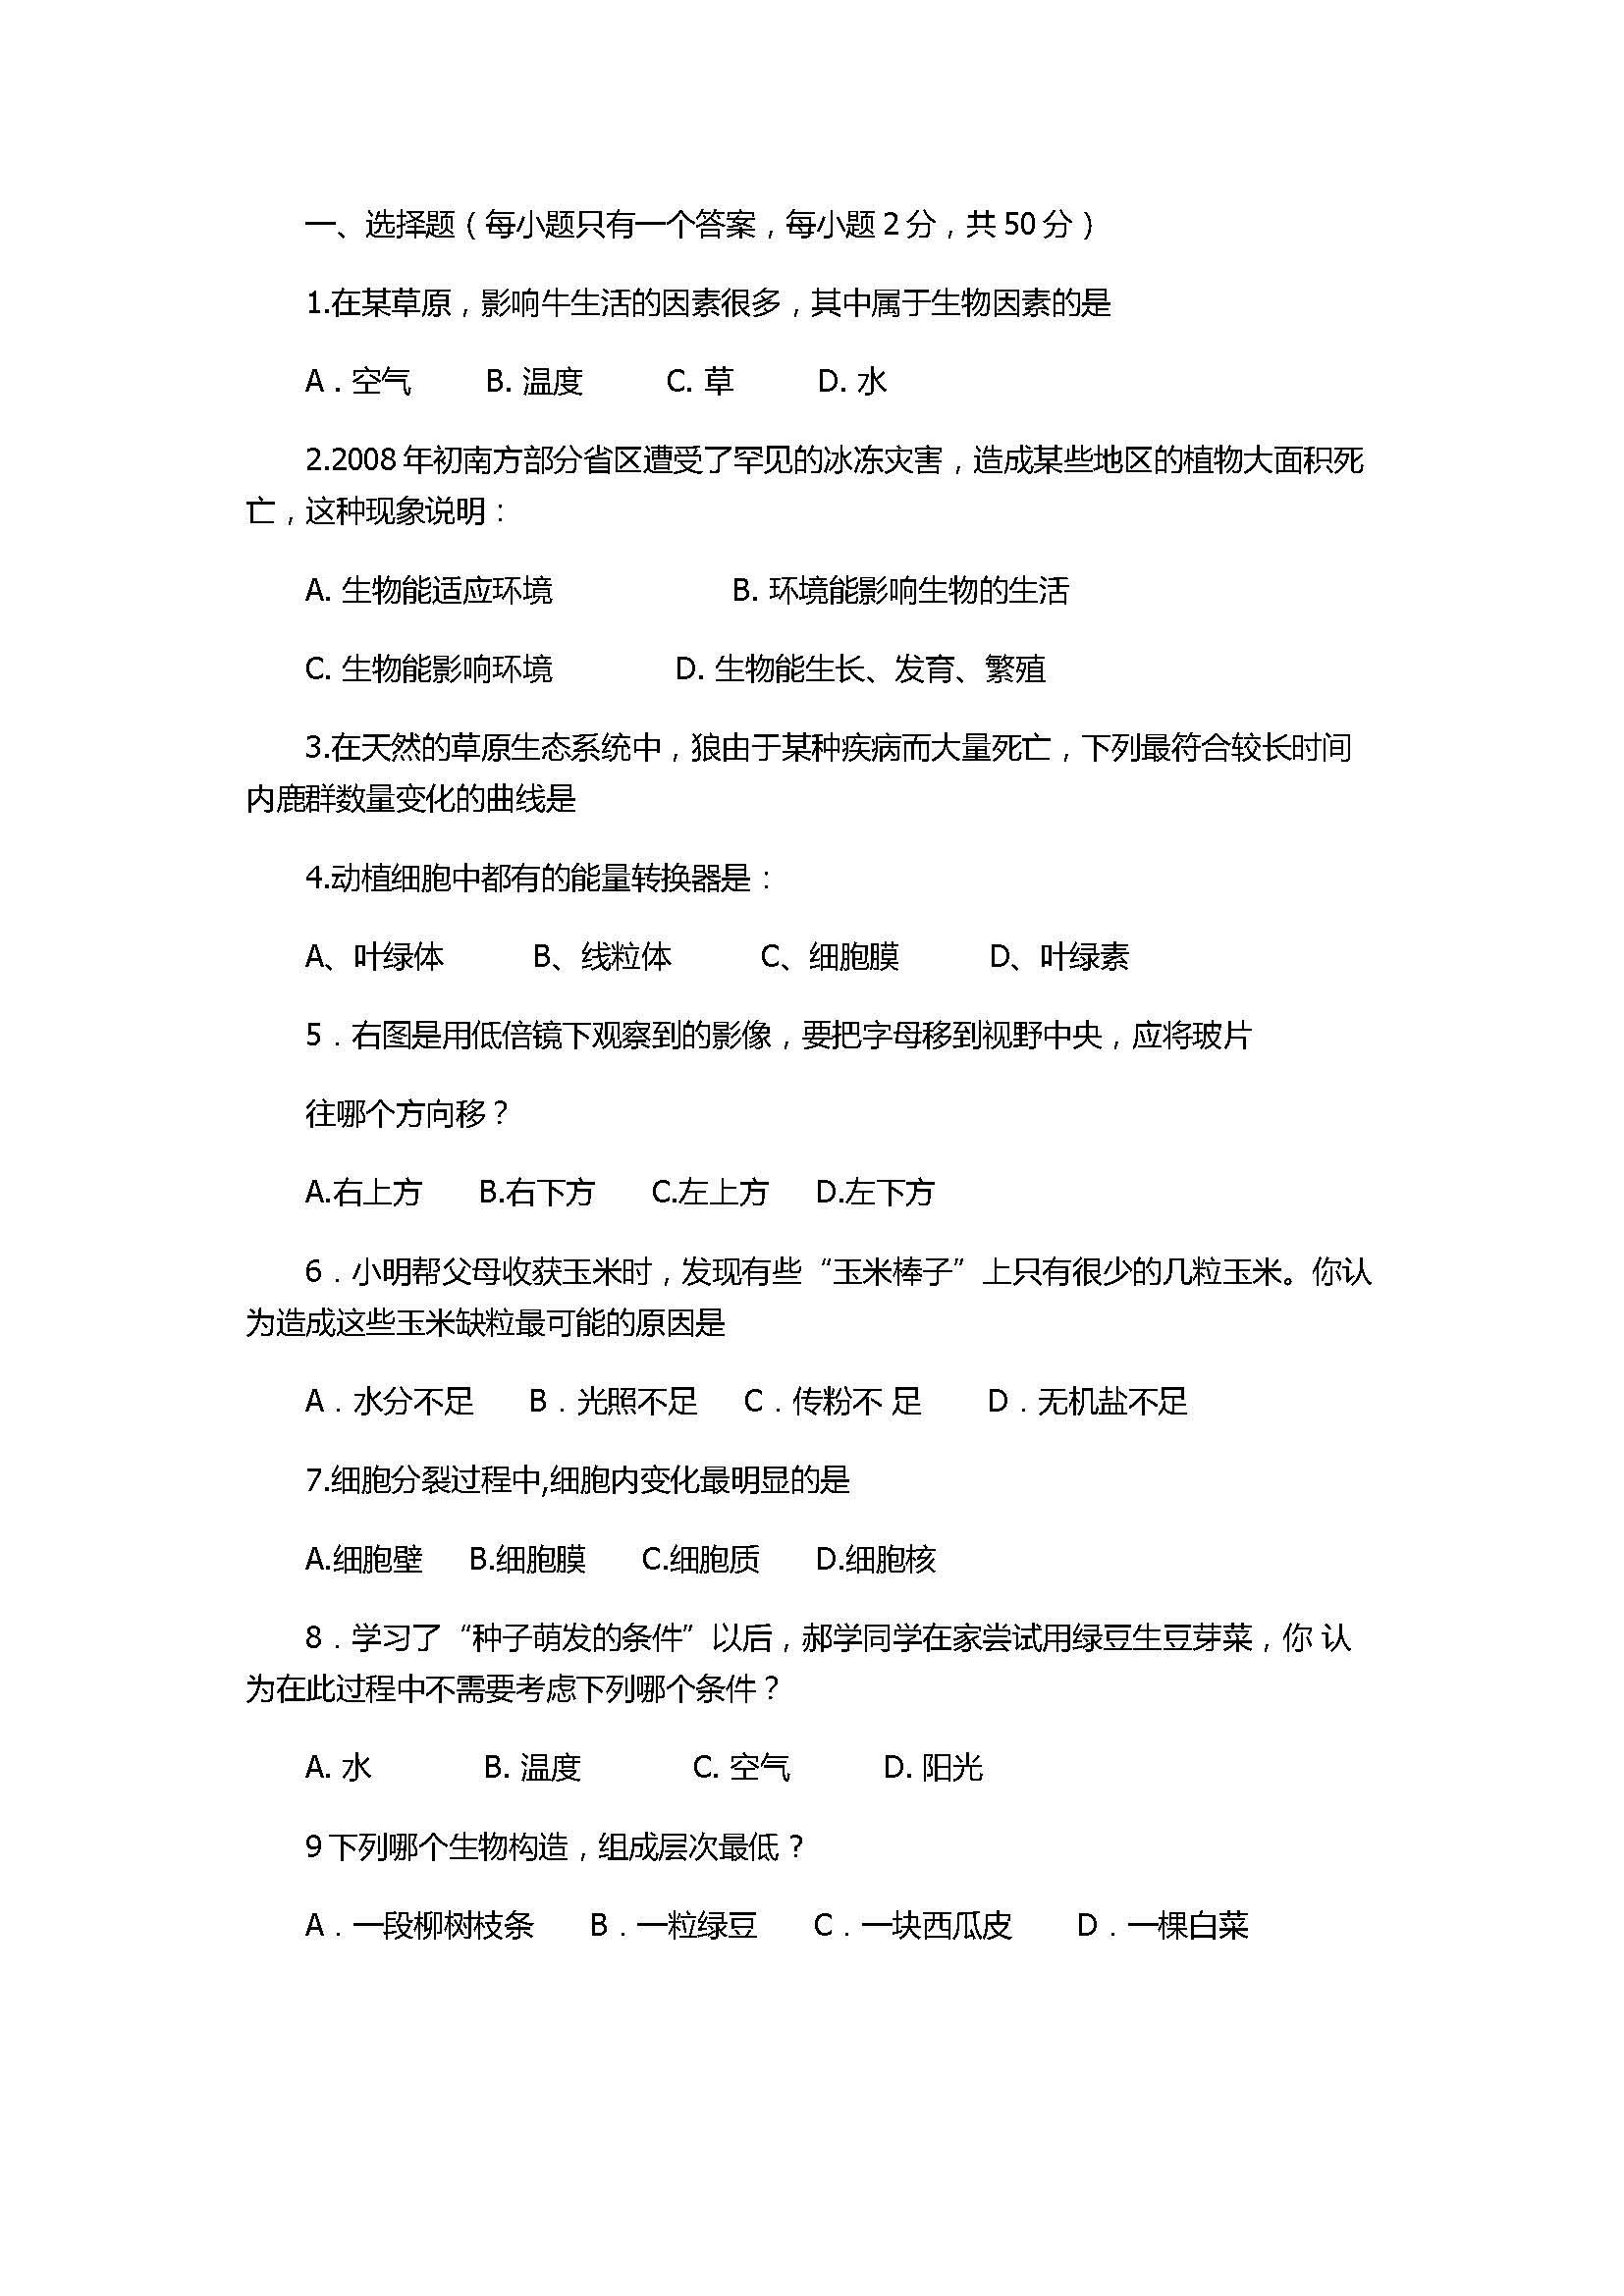 2017七年级生物期末试卷附参考答案(衡阳市)